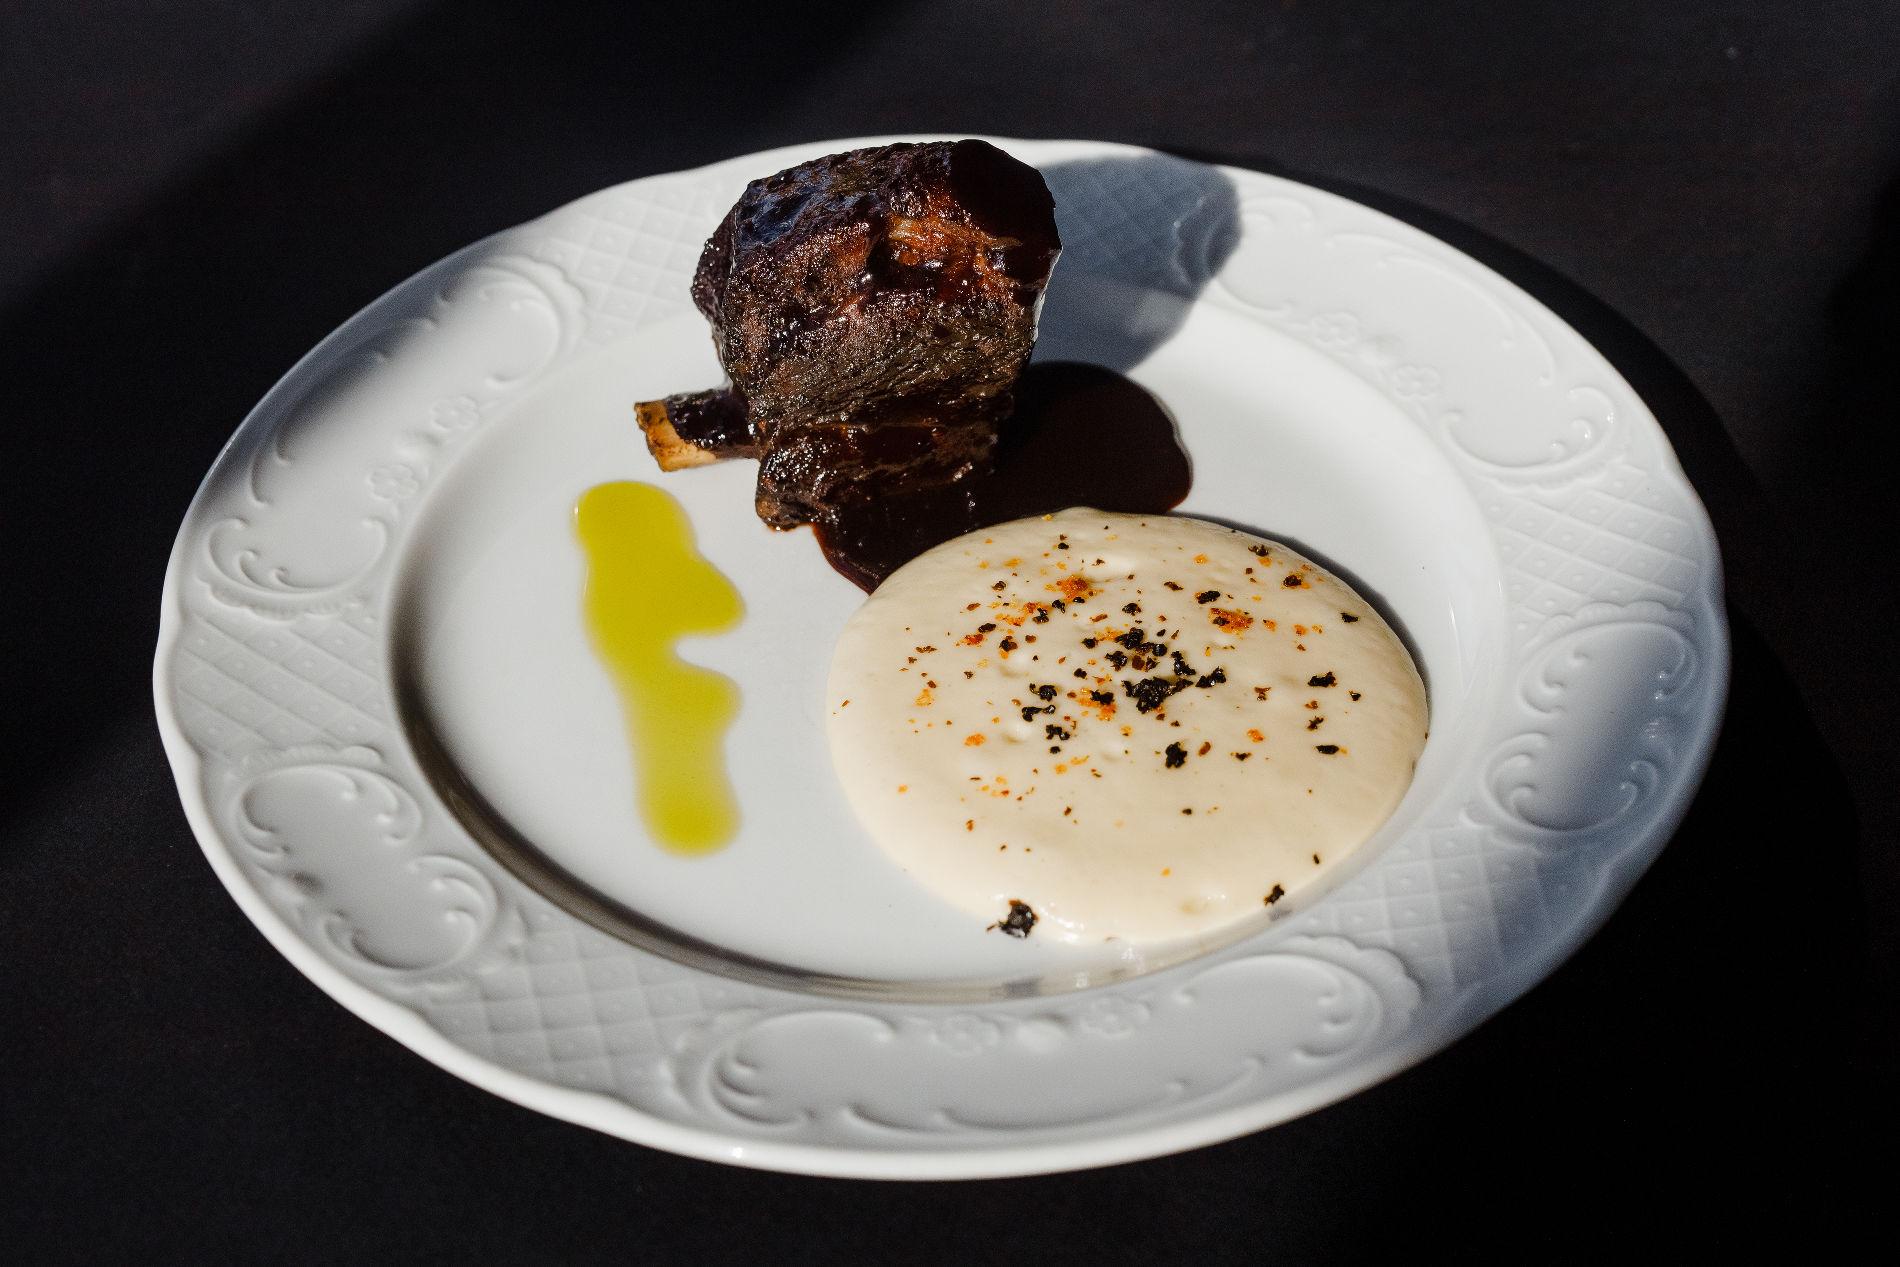 Говяжье ребро в соусе из рябины с муссом из жареного картофеля ©Фотография предоставлена заведением